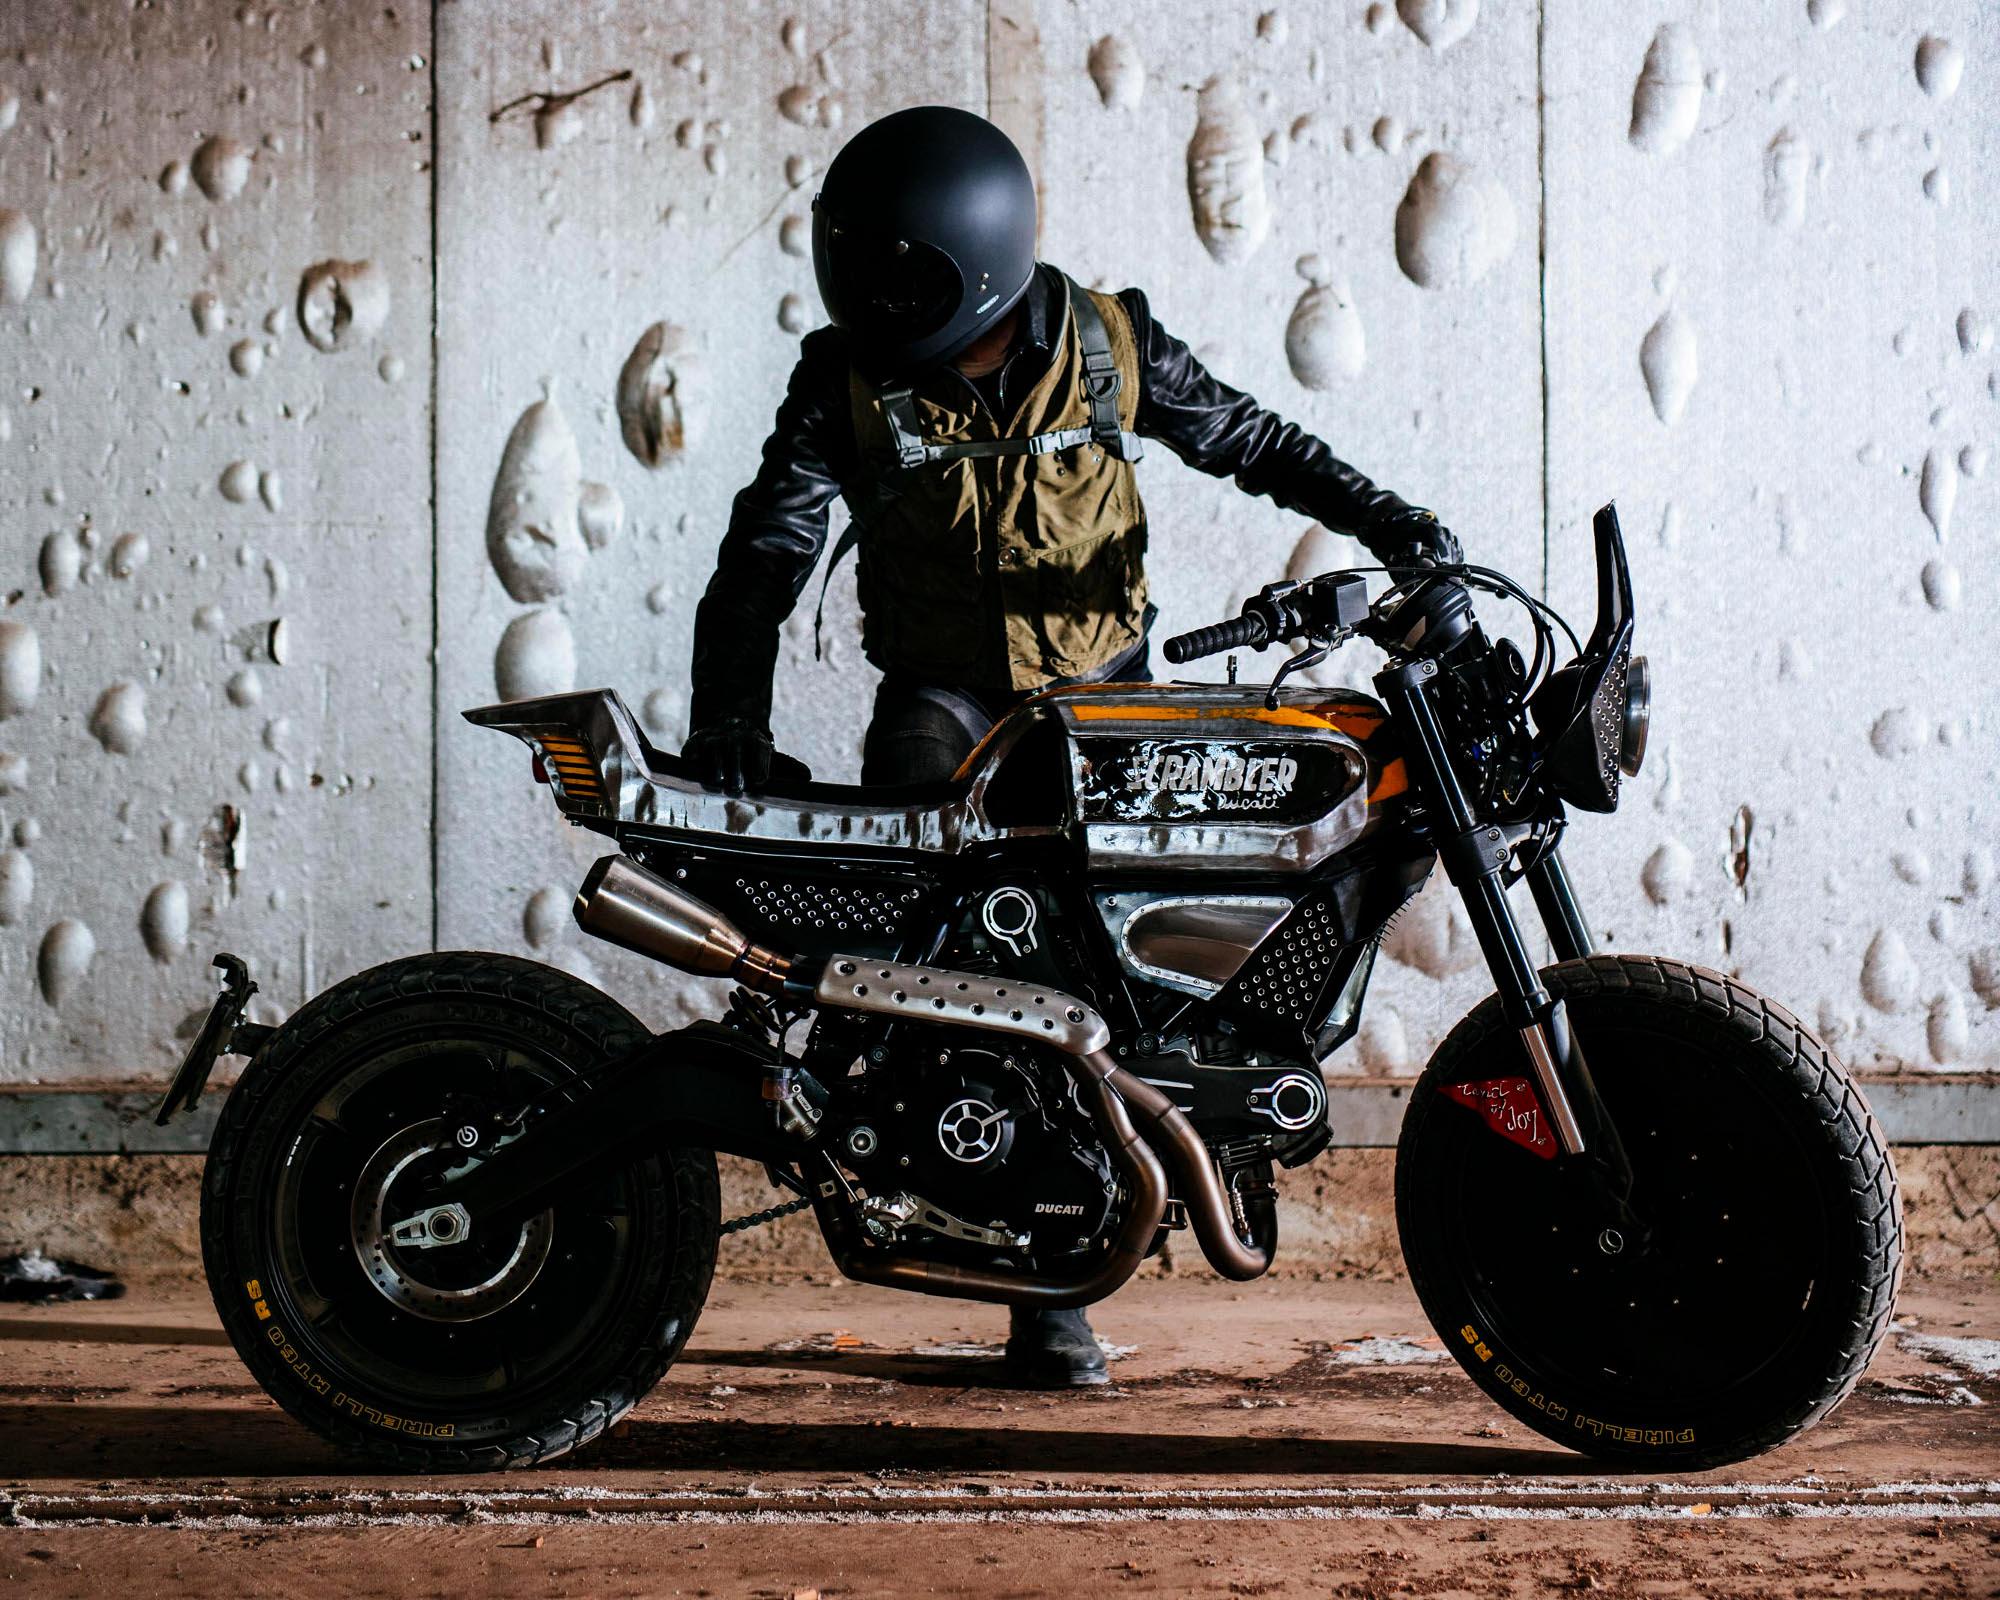 SC-Rumble Custom Ducati Scrambler by Vibrazioni Art Design Rescogs